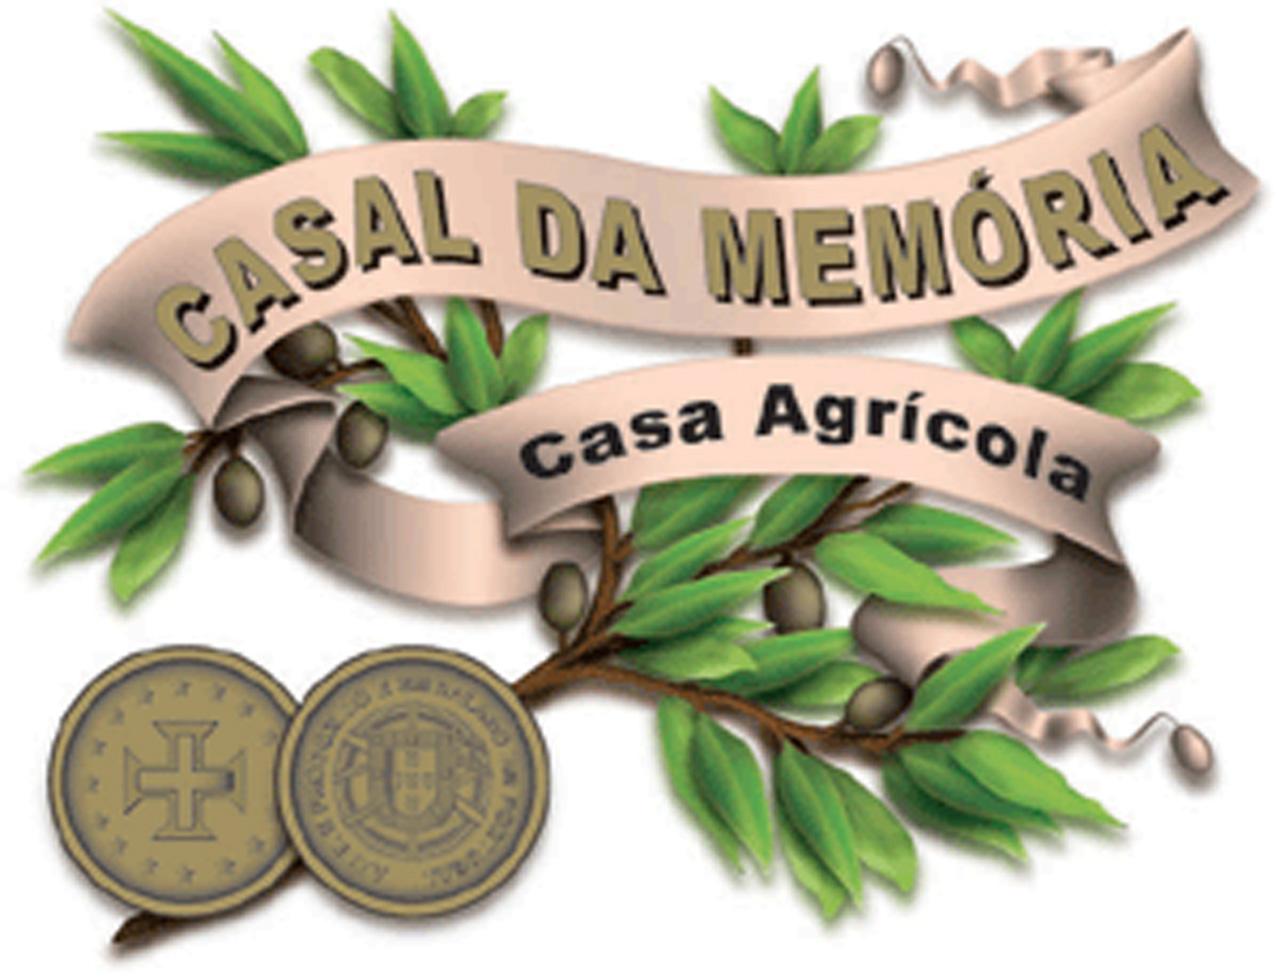 Casal da Memória